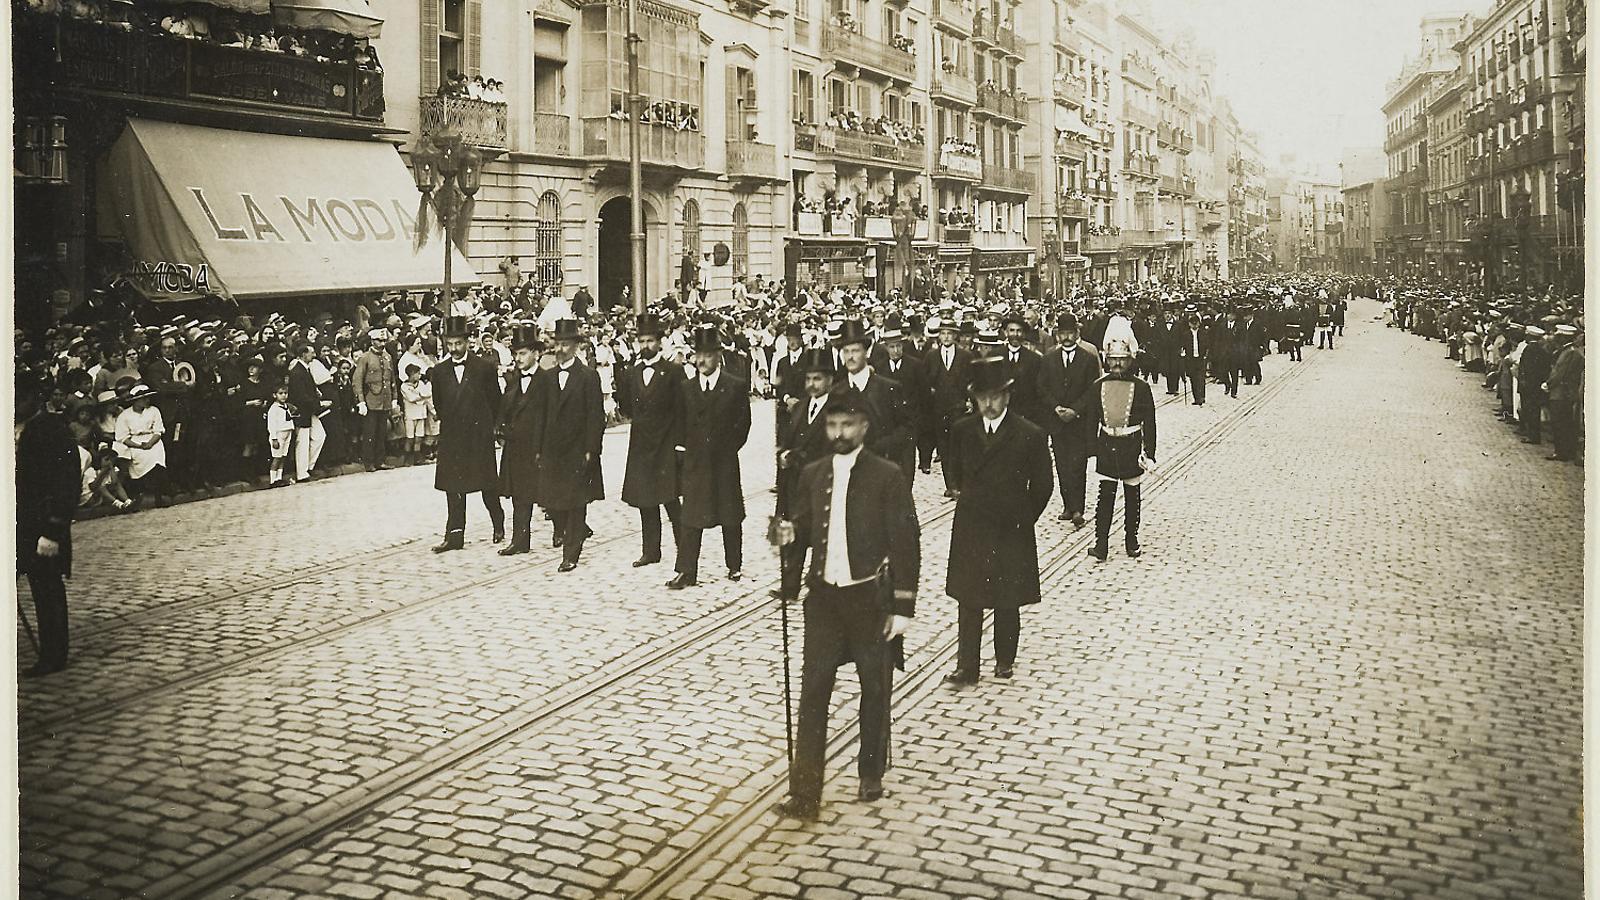 Enterrament d'Enric Prat de la Riba a Barcelona. A la imatge, la comitiva de dol desfilant pels carrers de la ciutat plens de gent.